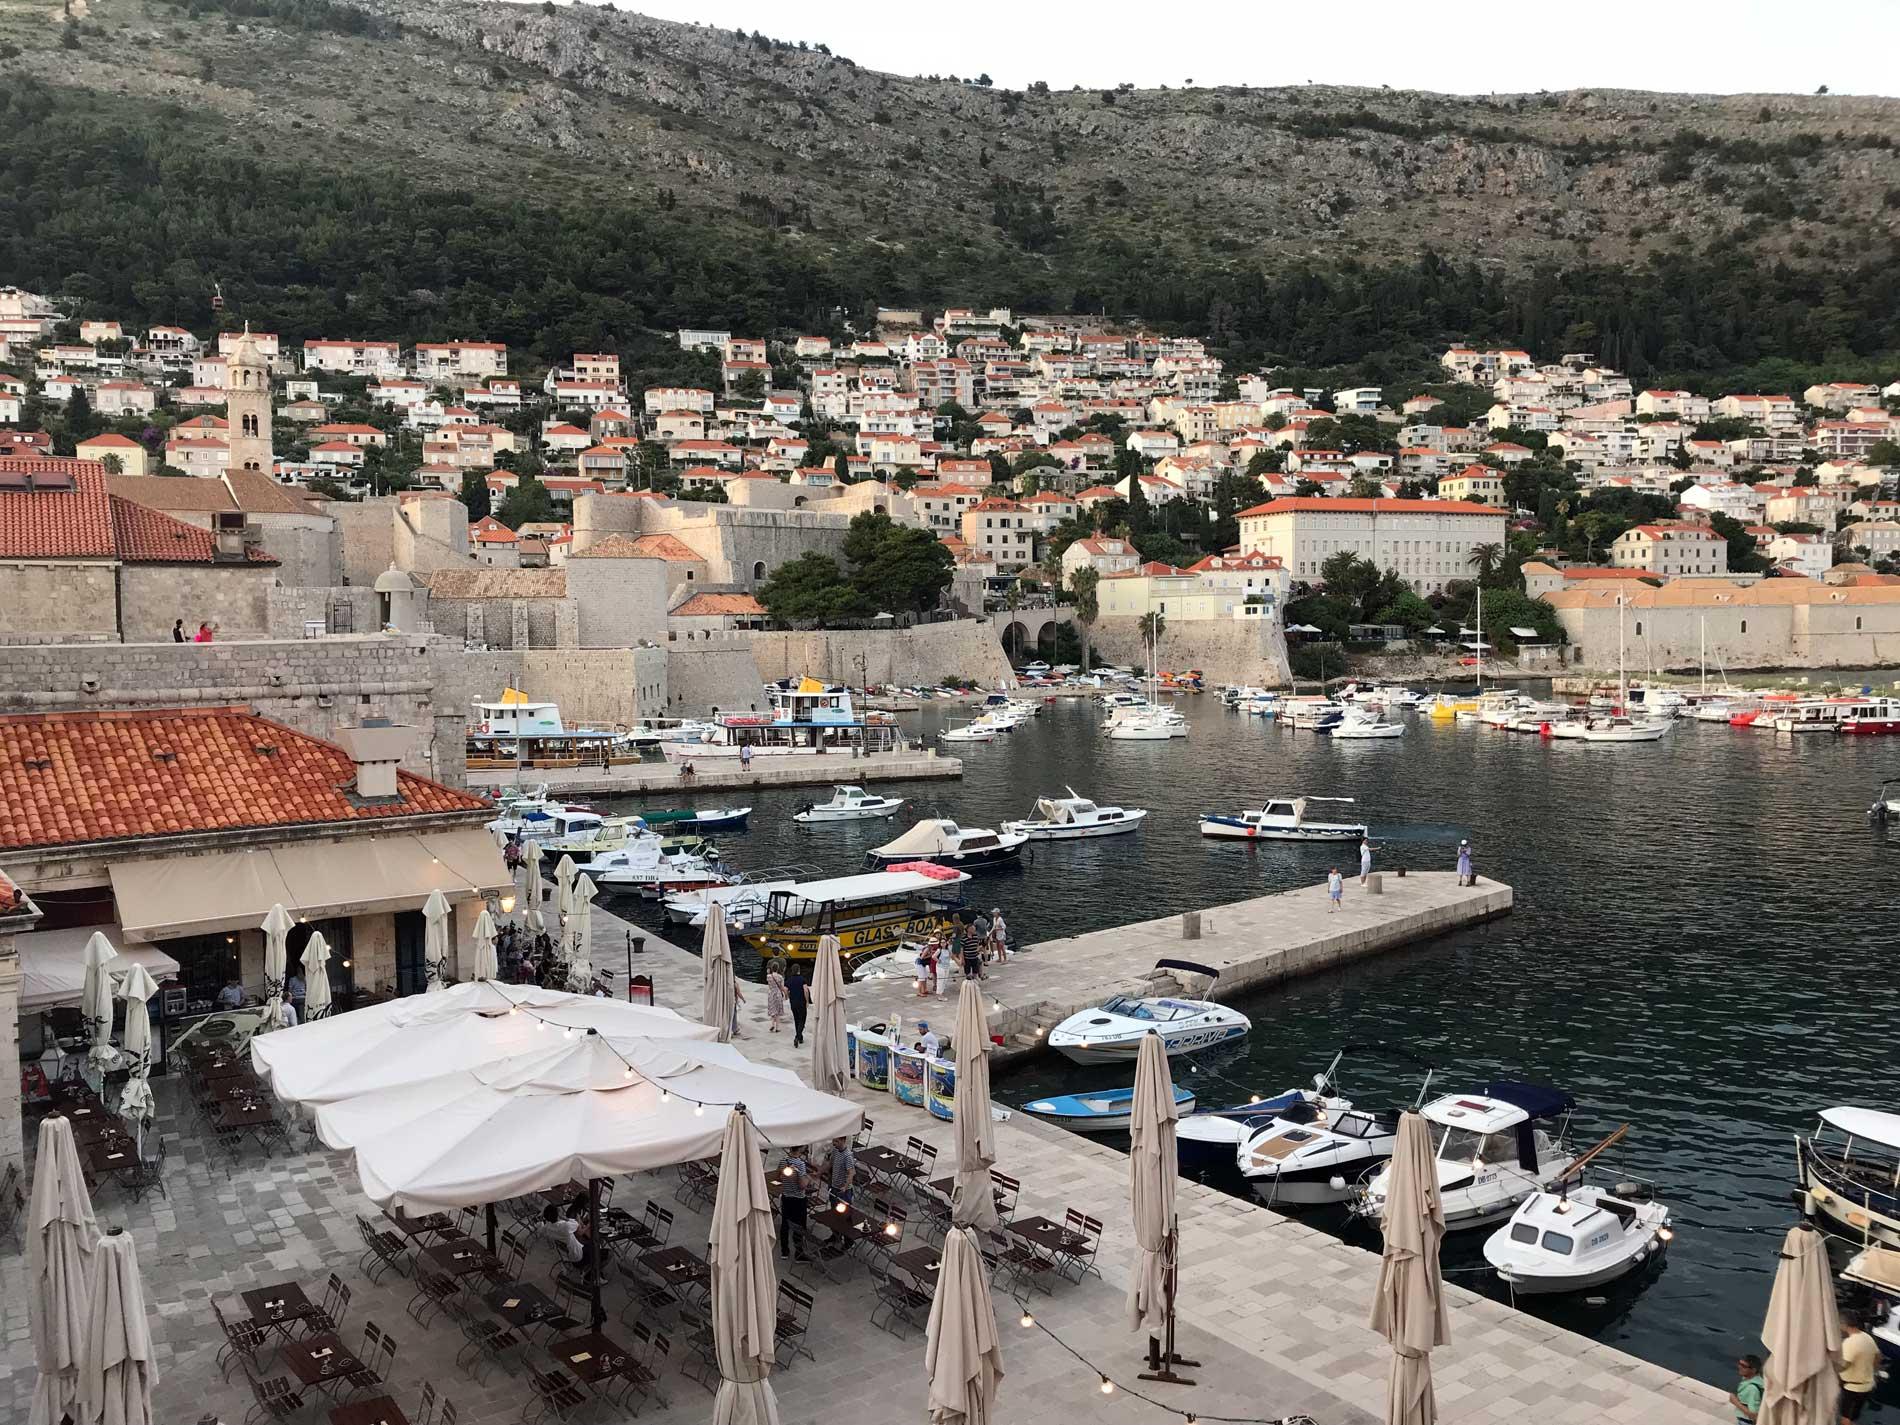 Dubrovnik-Croazia-vista-dalle-mura-Porto-Vecchio-barche-banchine